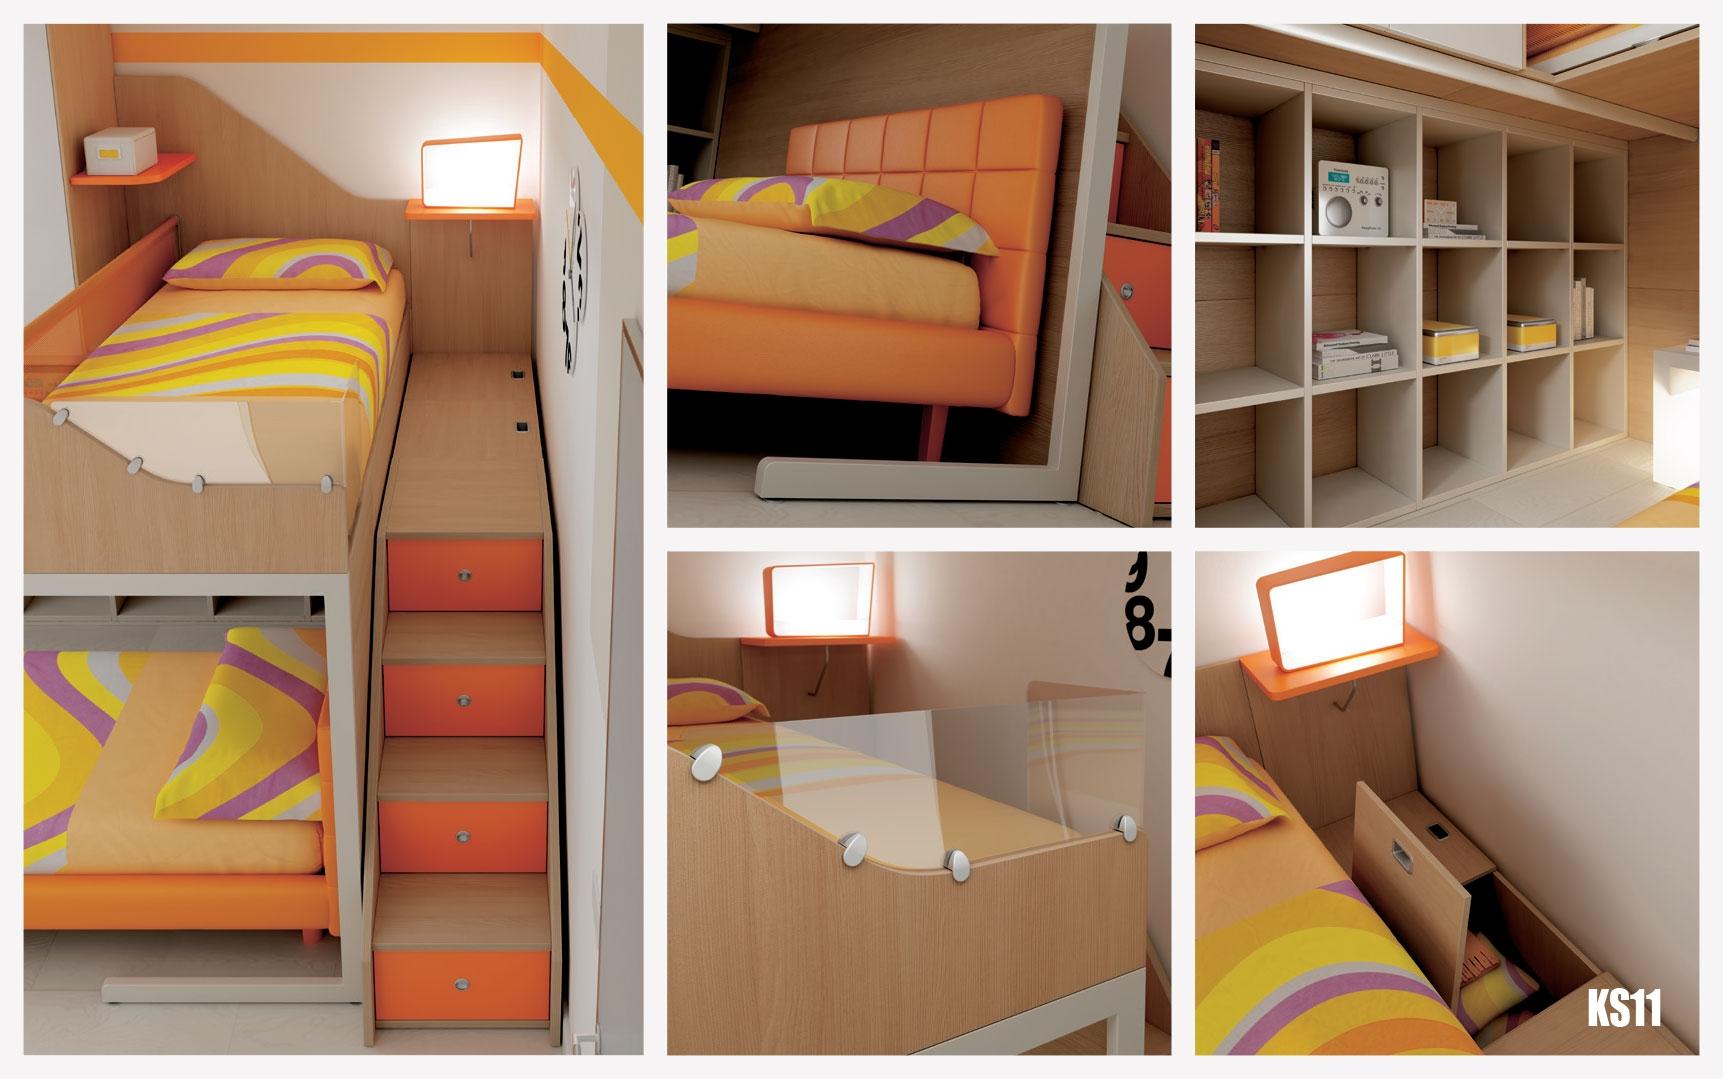 mezzanine chambre mezzanine chambre lit double. Black Bedroom Furniture Sets. Home Design Ideas